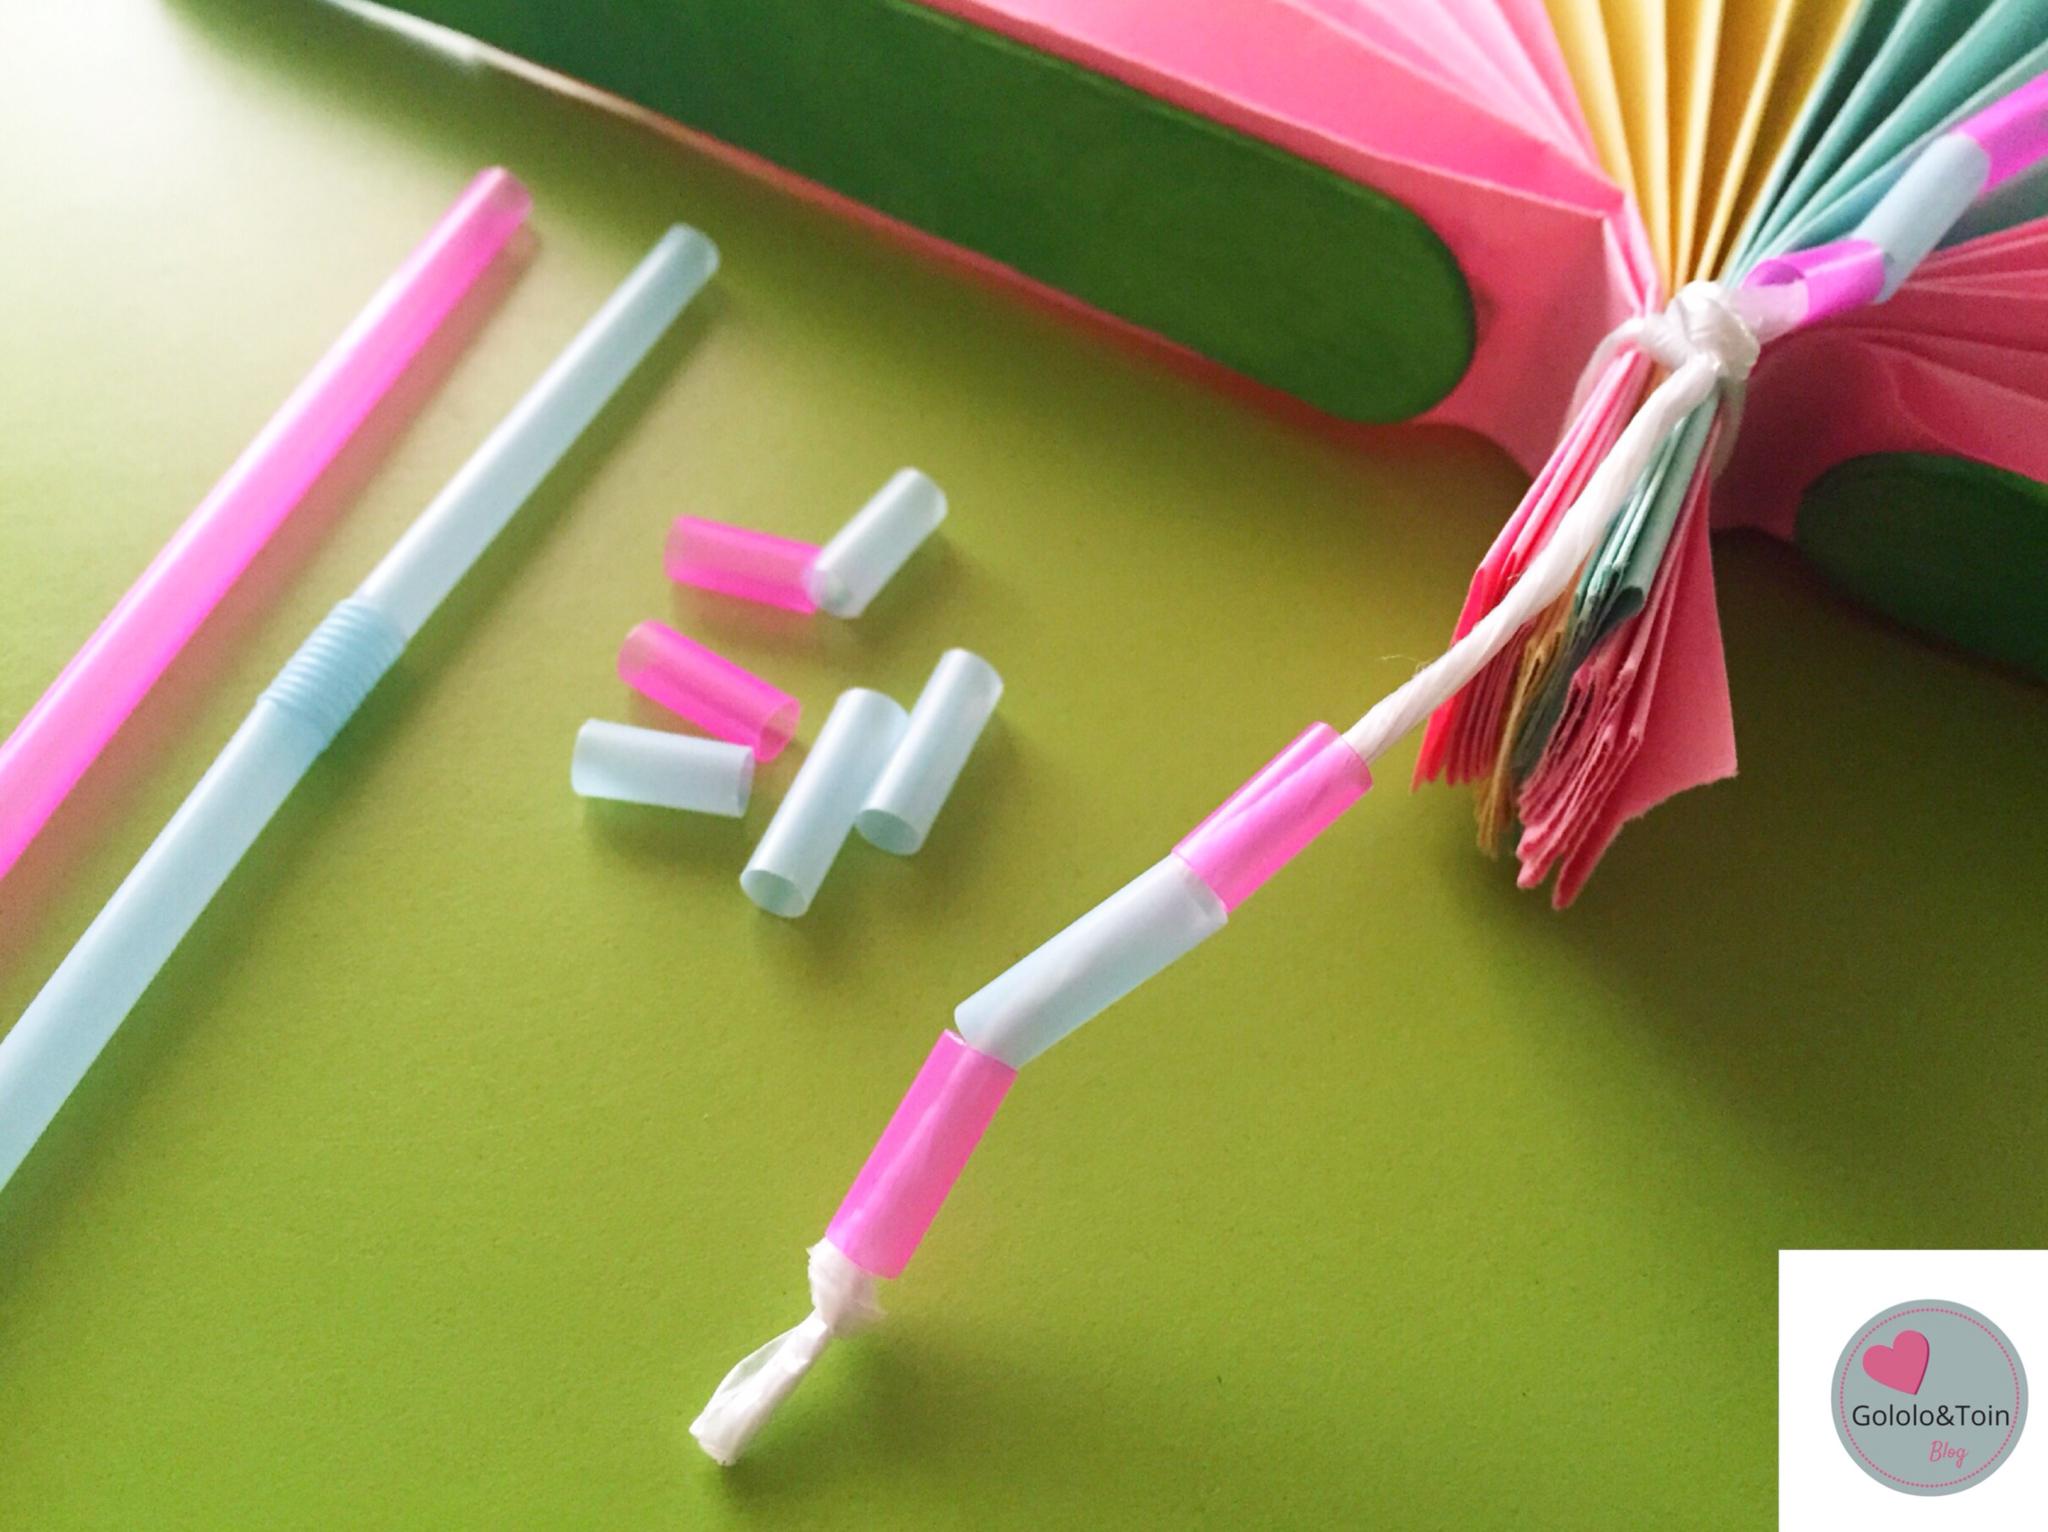 abanico con folios de colores diy gololo y toin blog